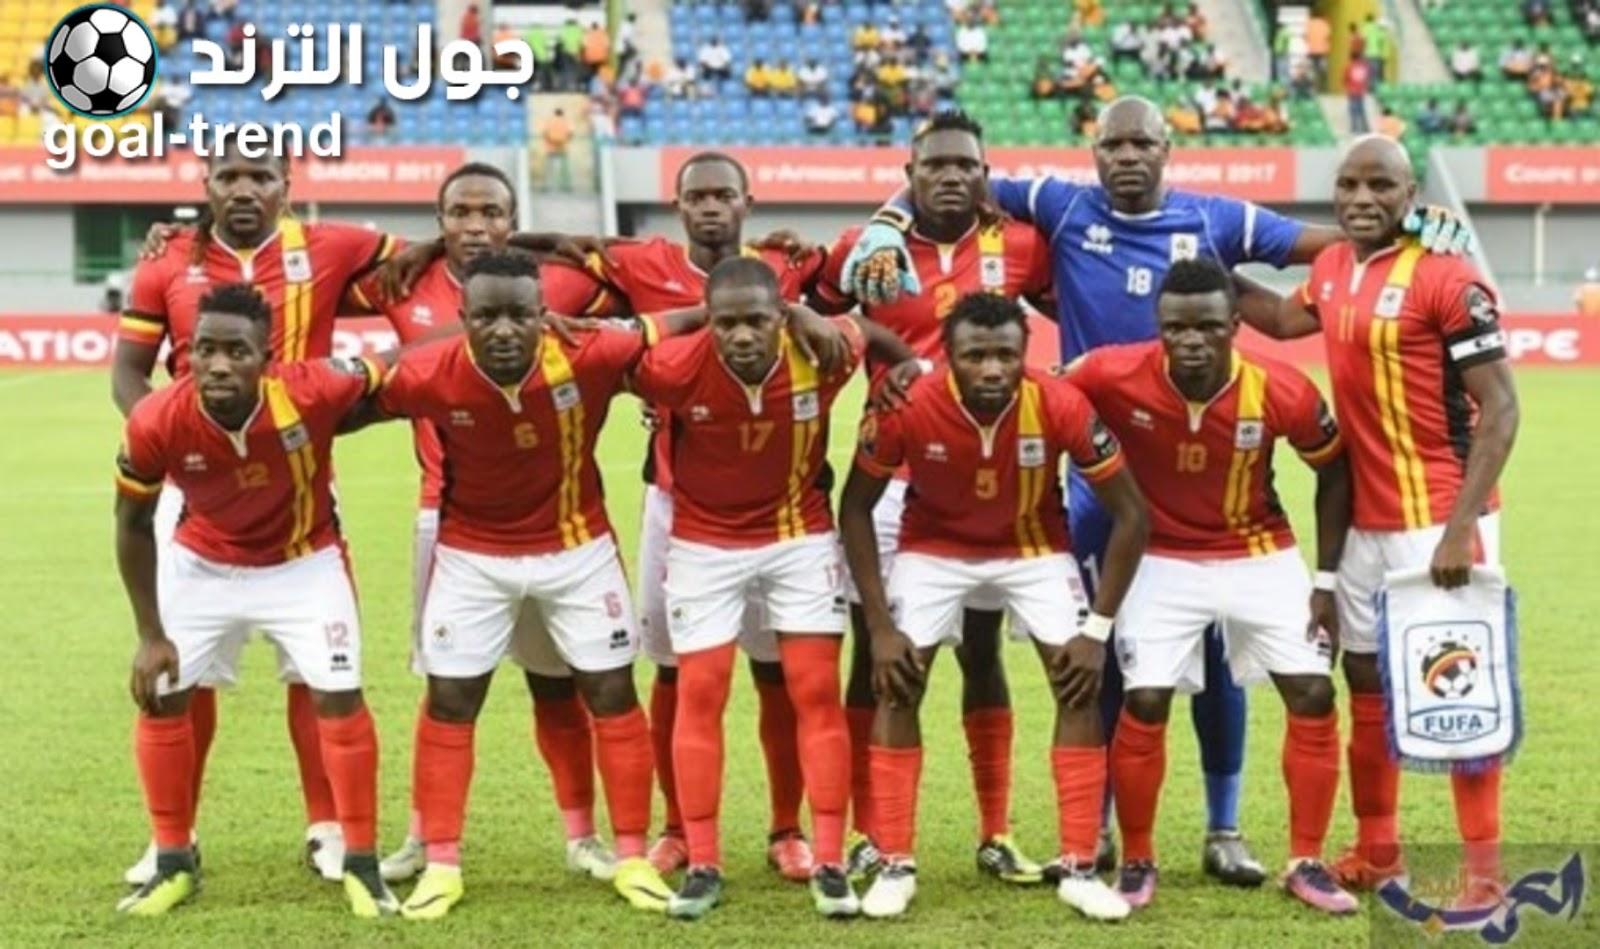 موعد مواجهة جمهورية الكونغو واوغندا في كأس امم افريقيا.